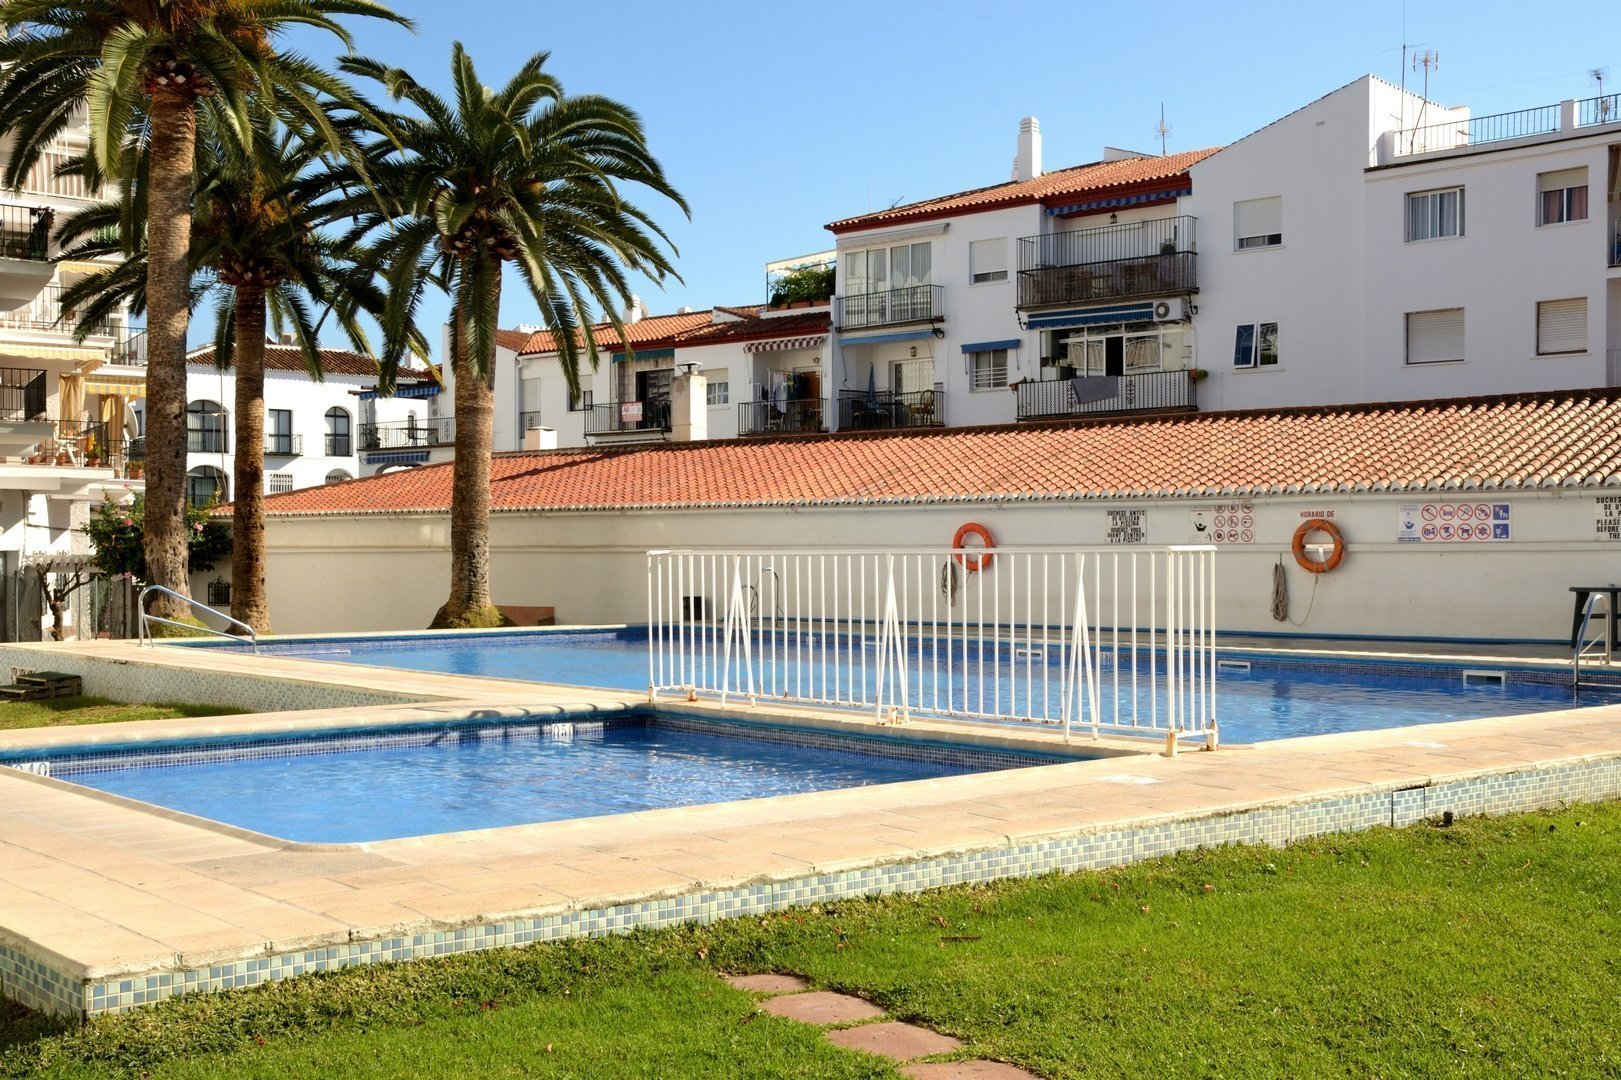 Coronado-58-pool